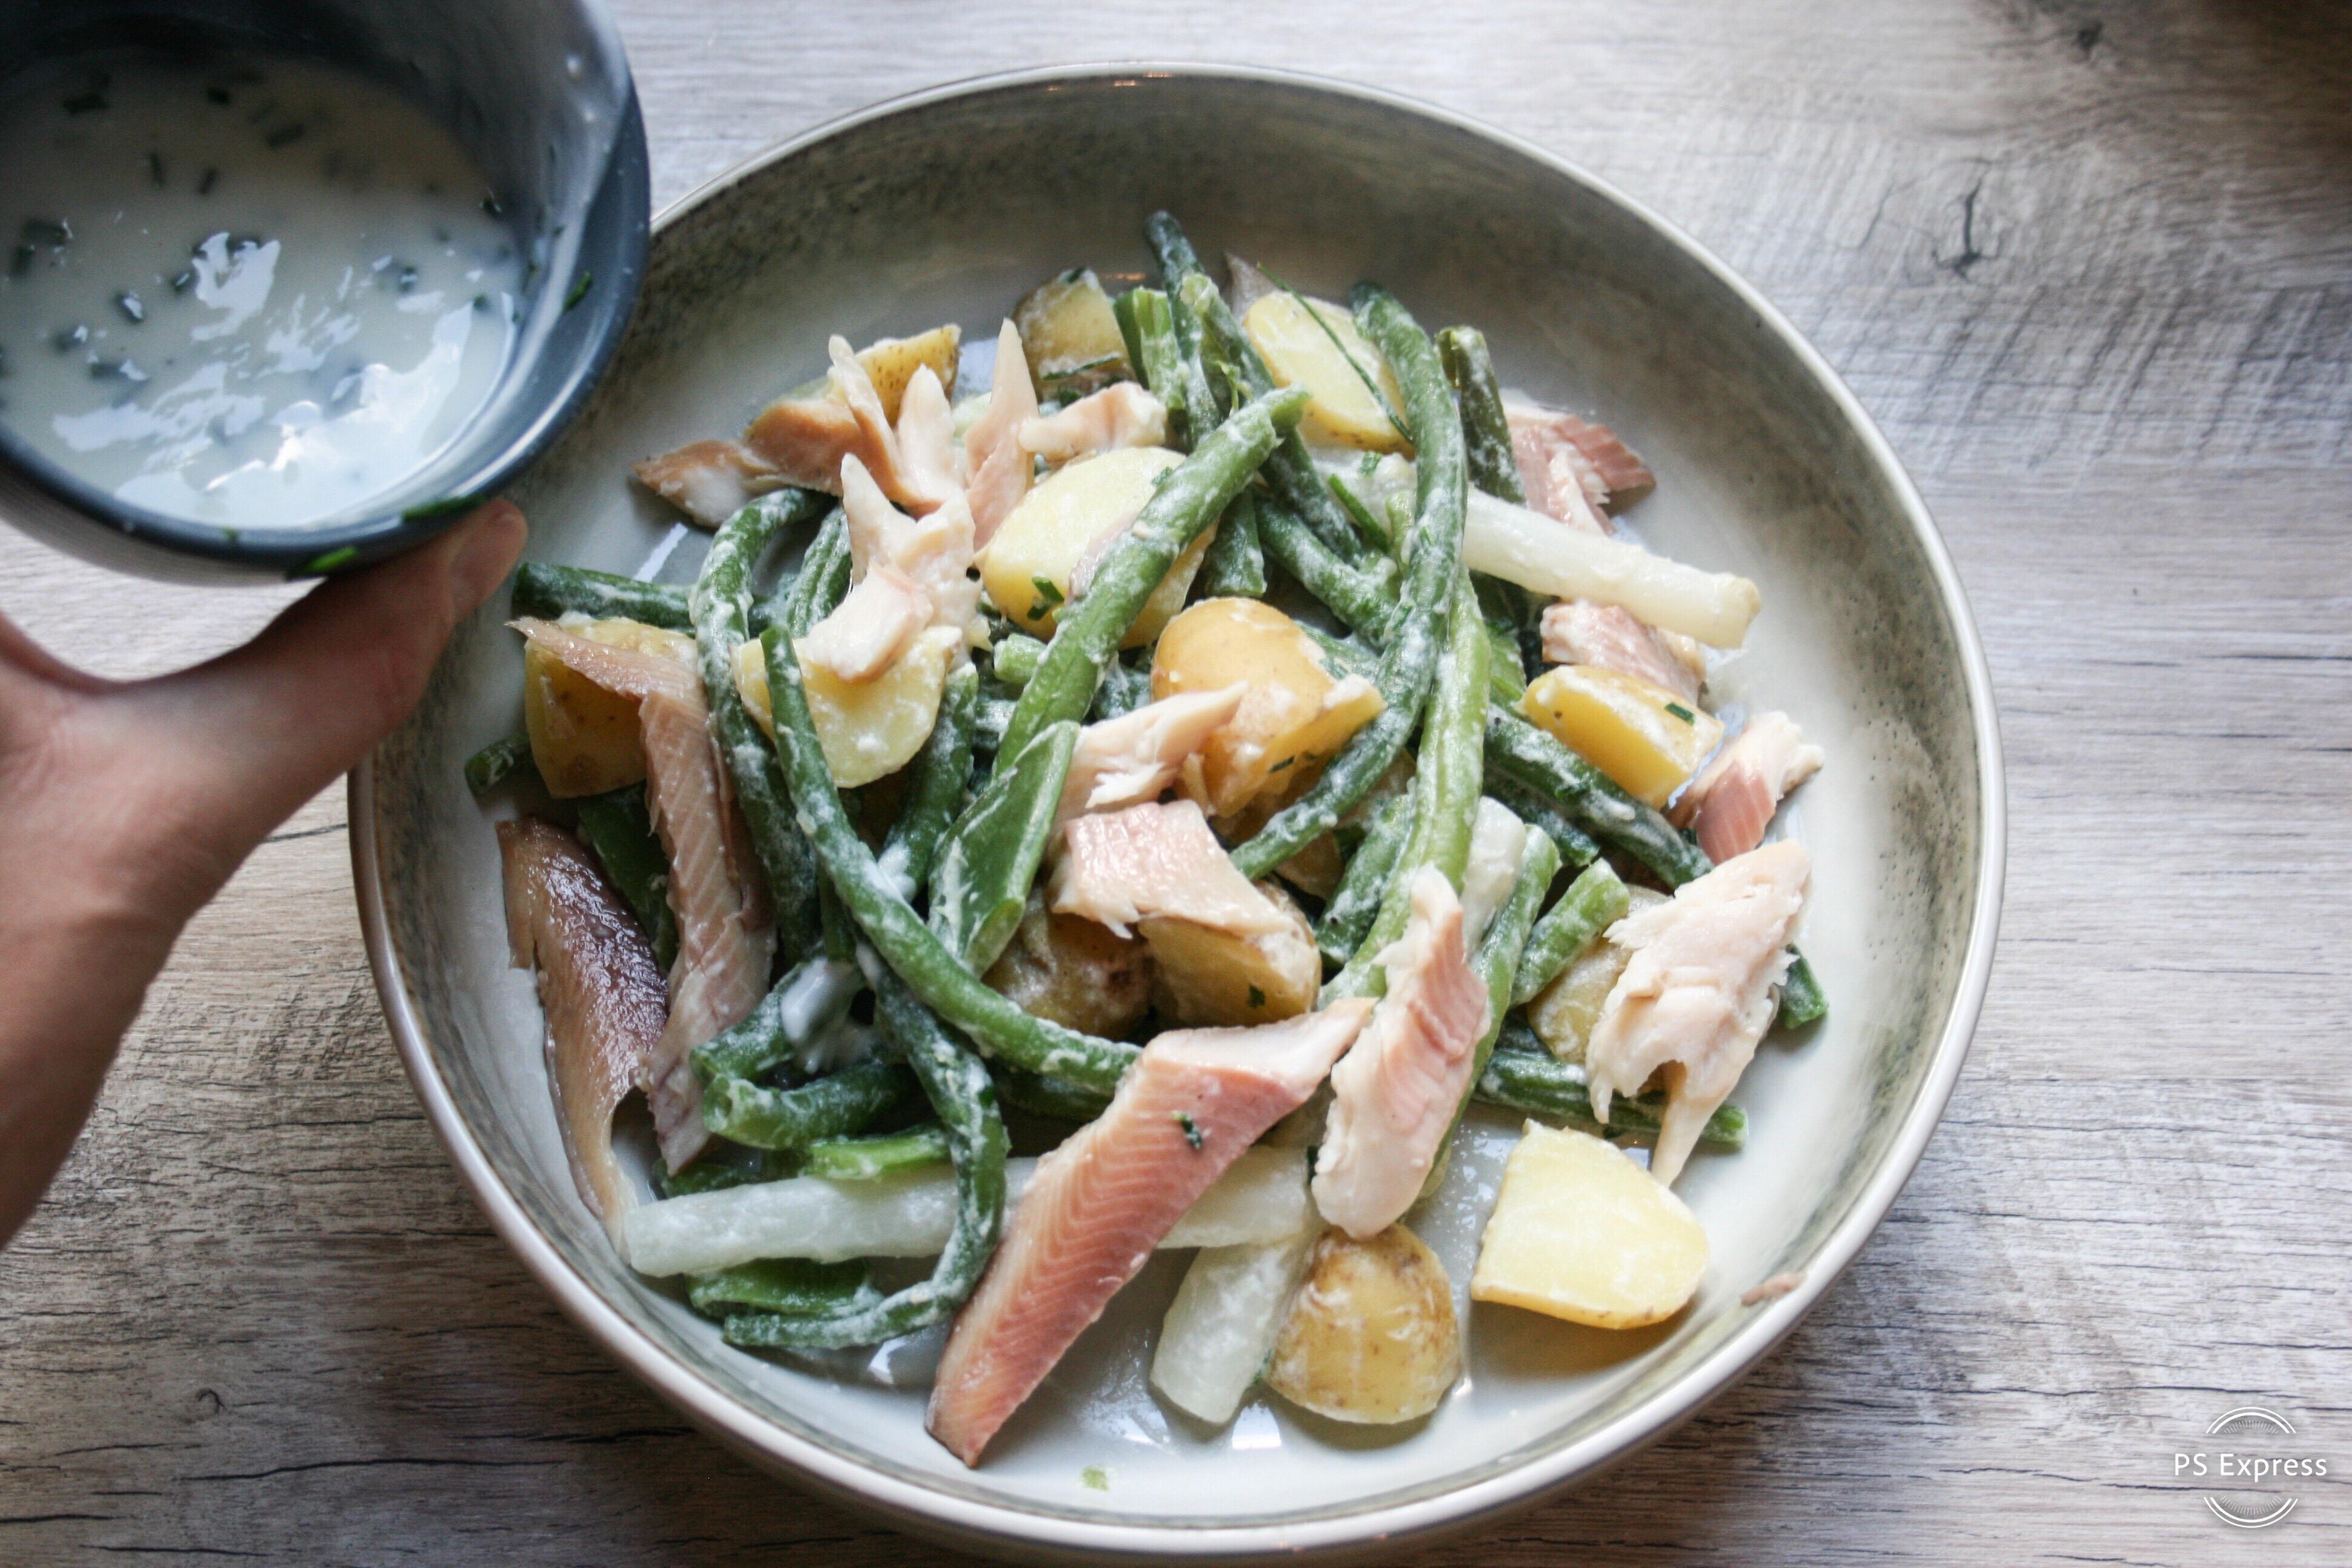 salade met gerookte forel, snijboontjes en krieltjes